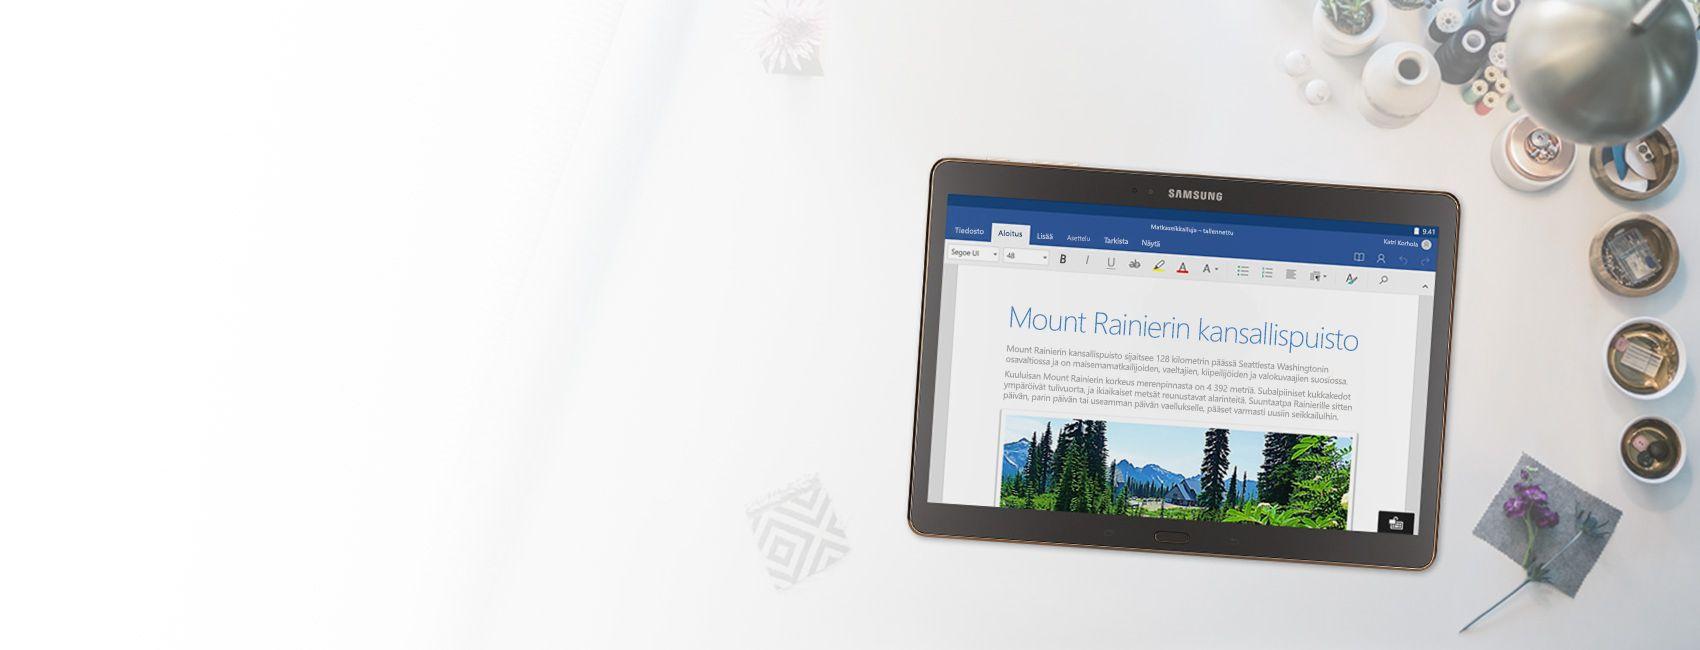 Windows-tabletti, jossa näkyy Mount Rainierin kansallispuistoa käsittelevä Word-asiakirja